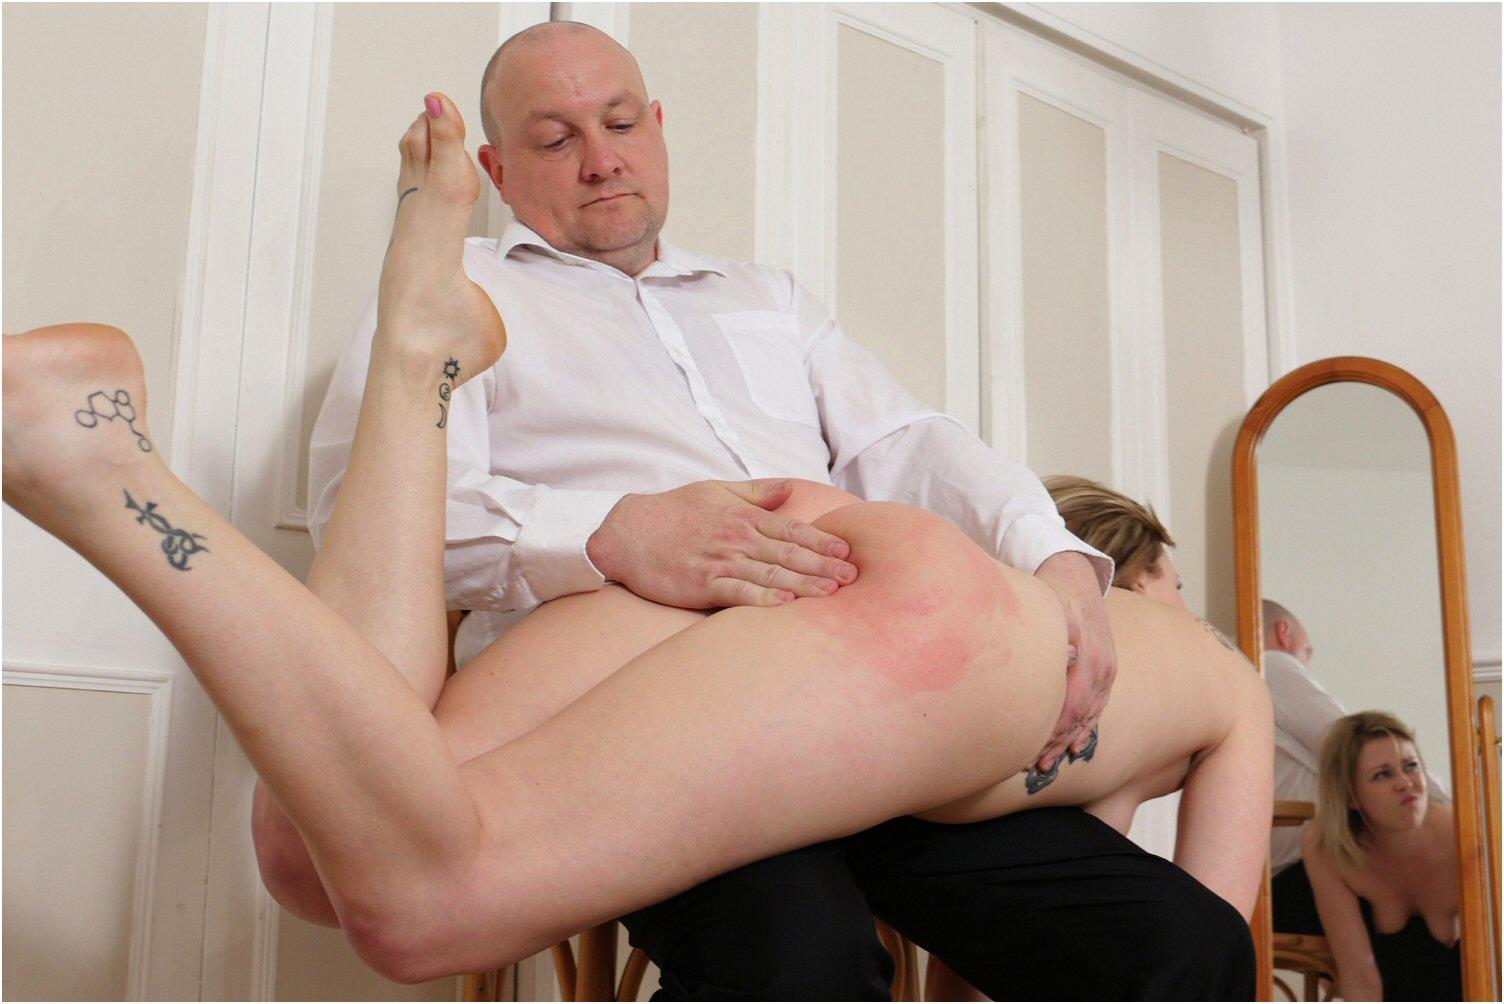 spanking www.spankedcheeks.com women spanked